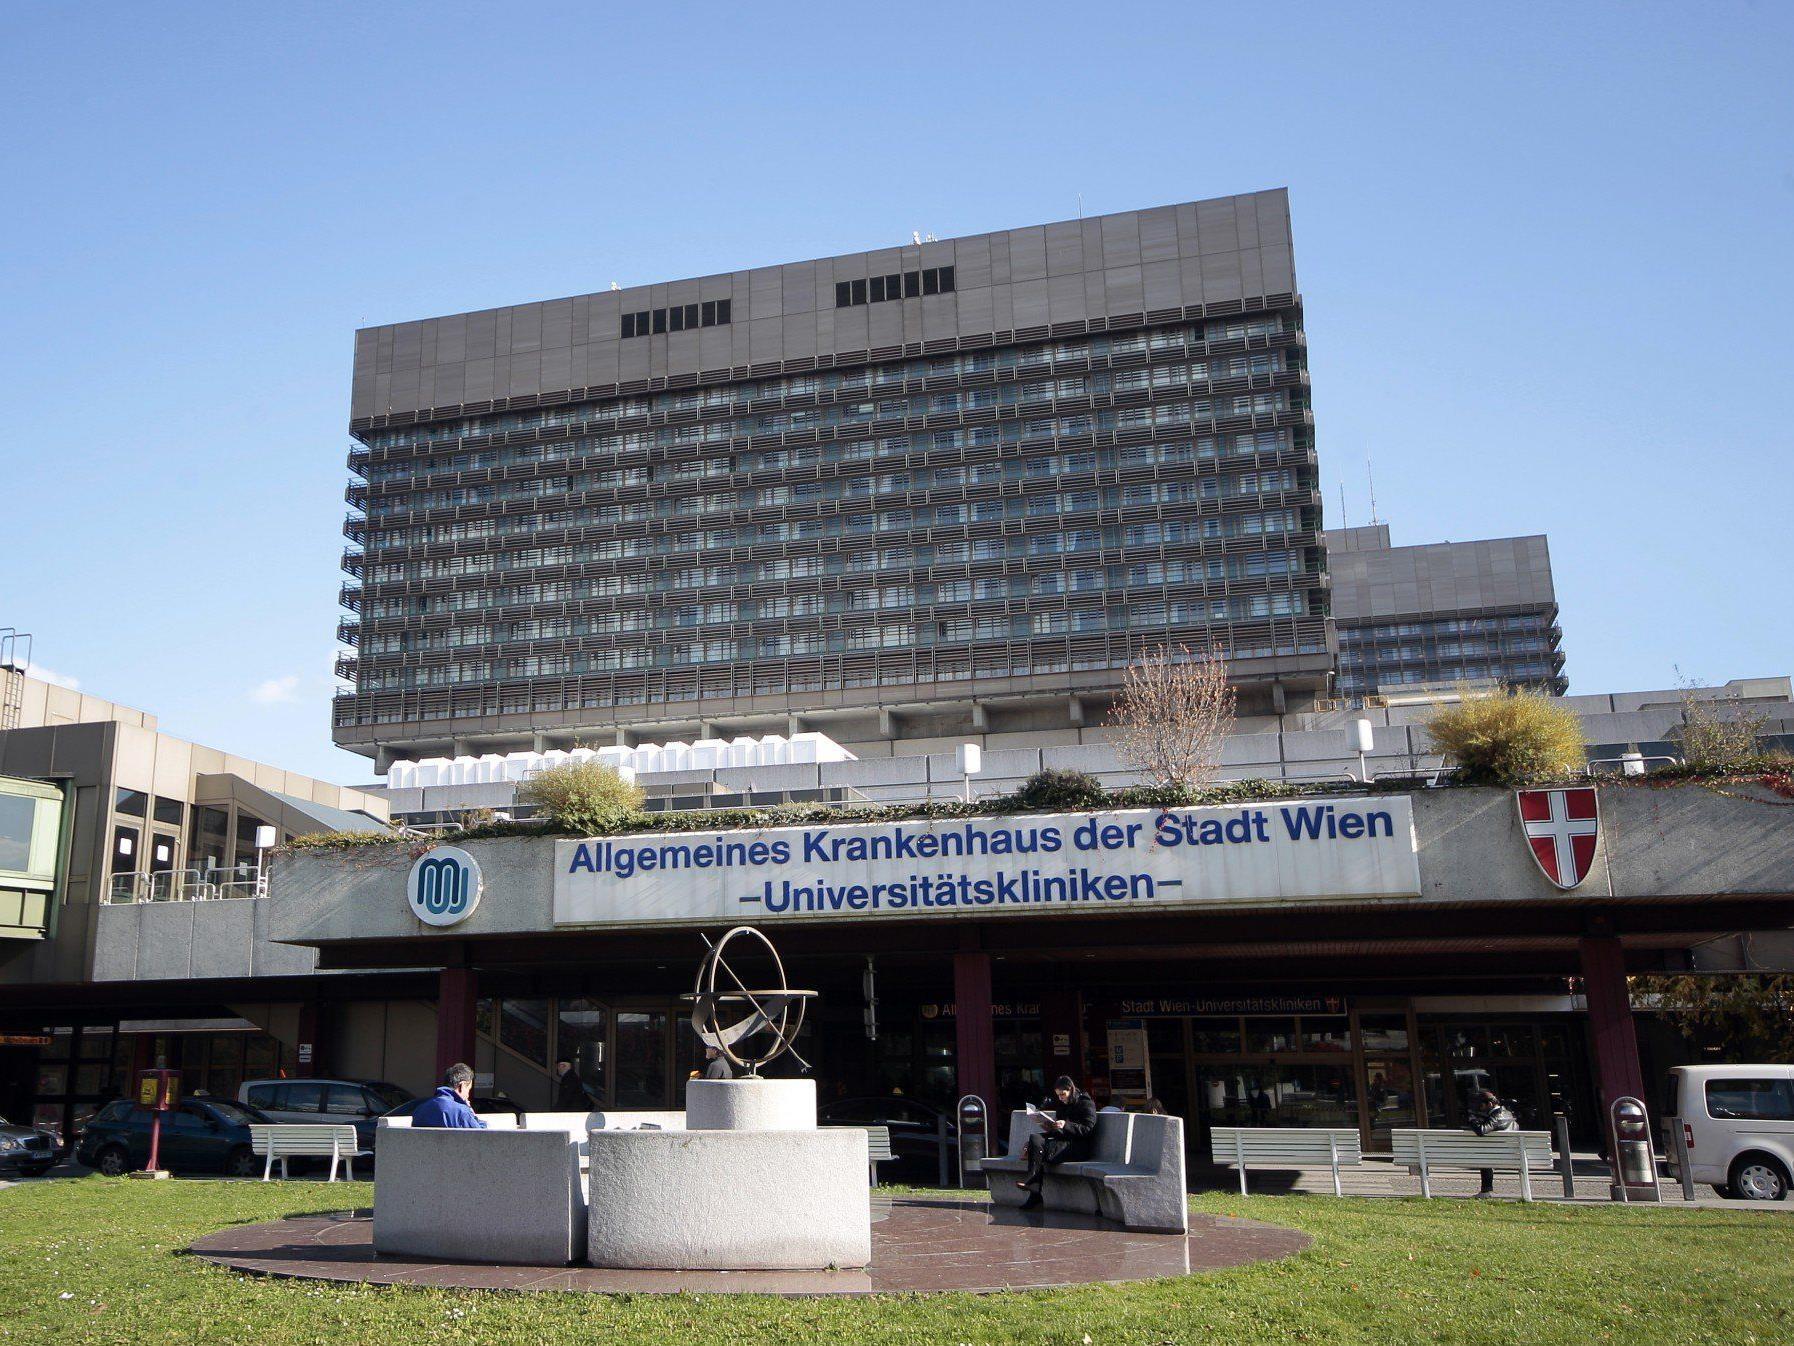 Zwischen 120 und 150 Spitäler, darunter auch das Wiener AKH, sollen Patientendaten verkauft haben.